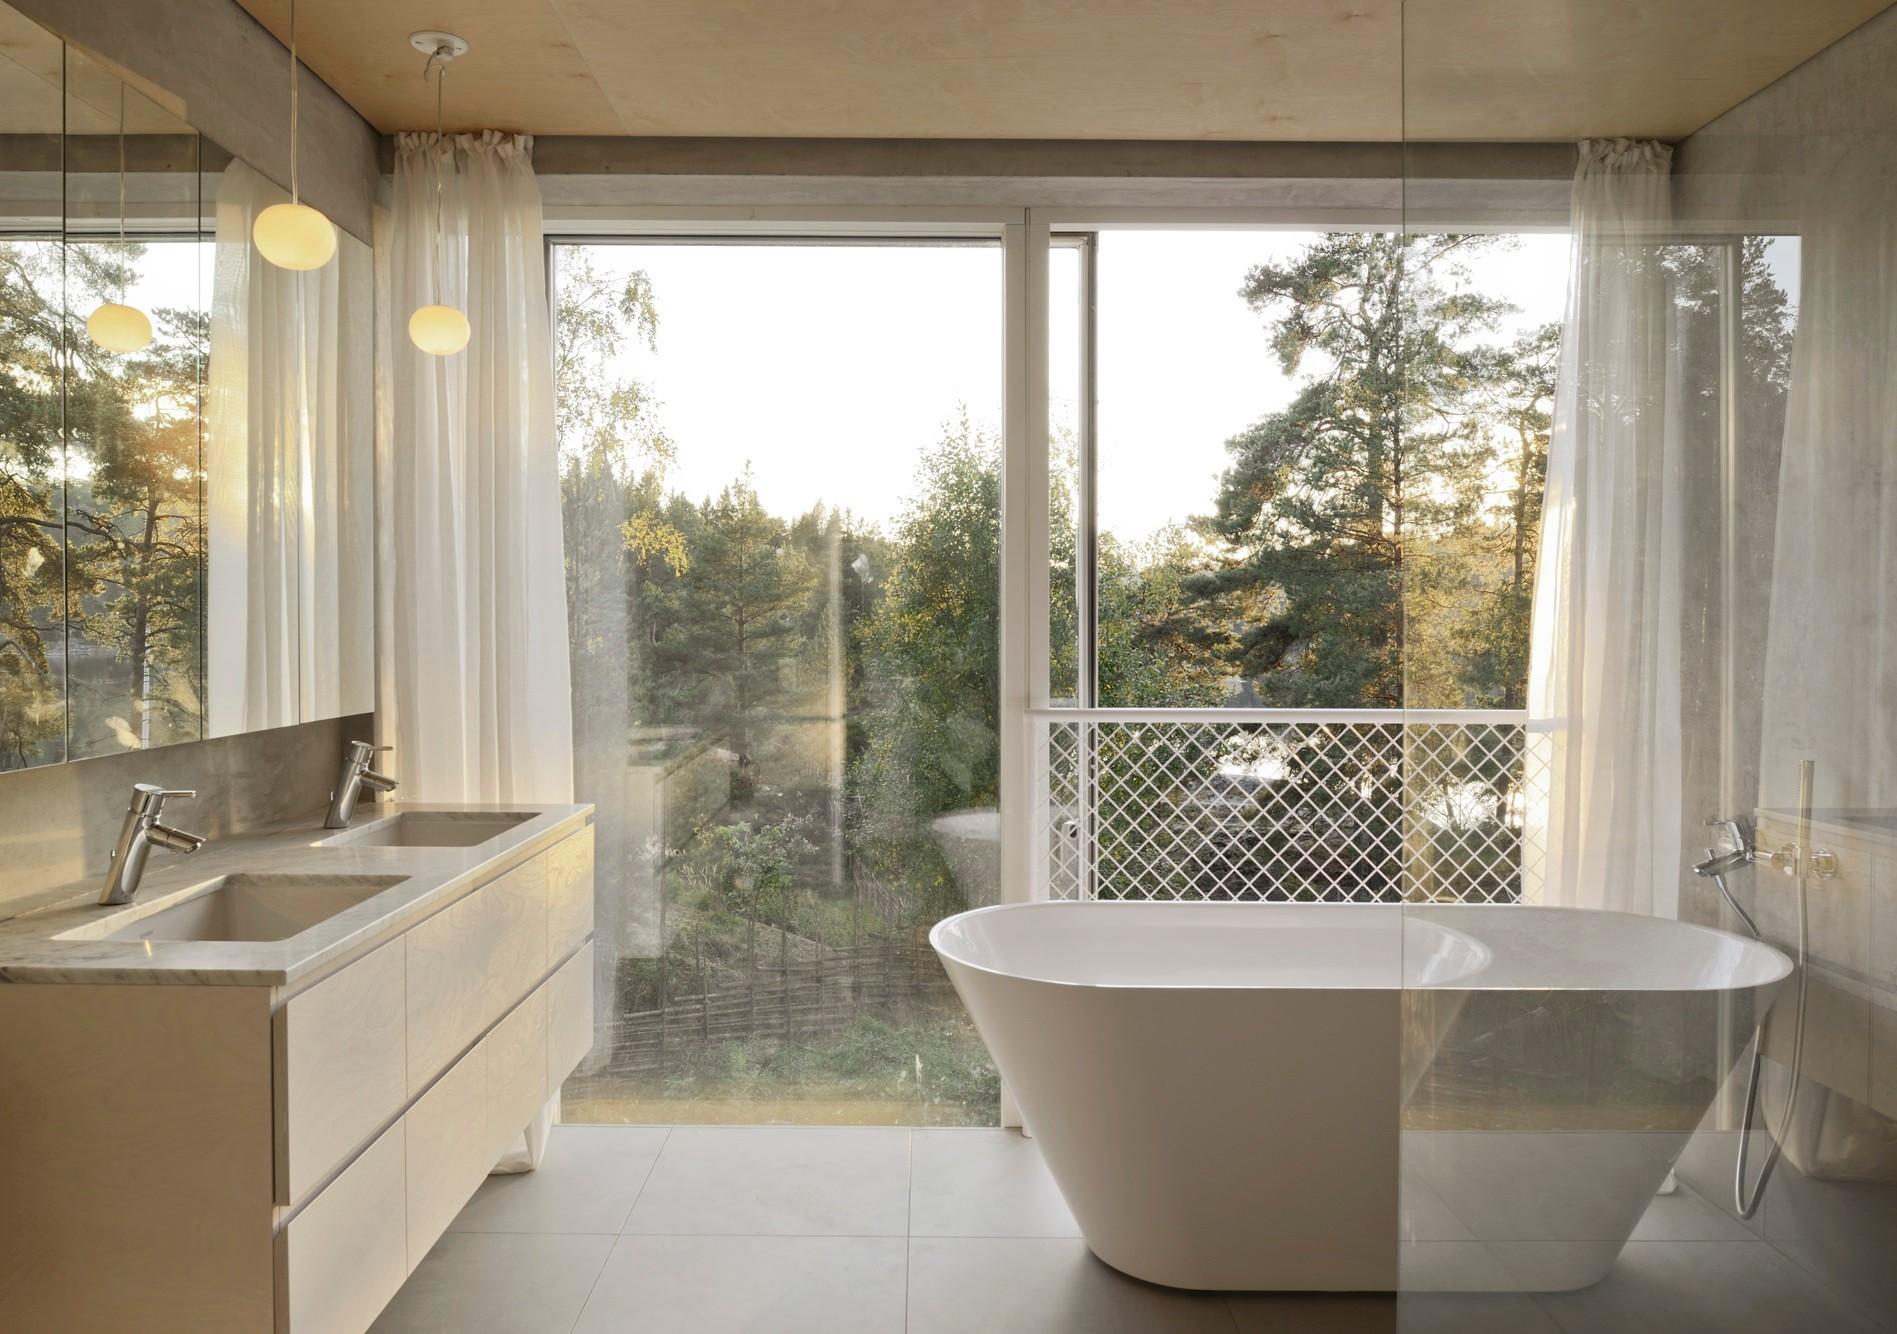 Badezimmer aufteilung neubau  Badezimmer Aufteilung Neubau ~ Kleine bäder gestalten ▷ tipps ...